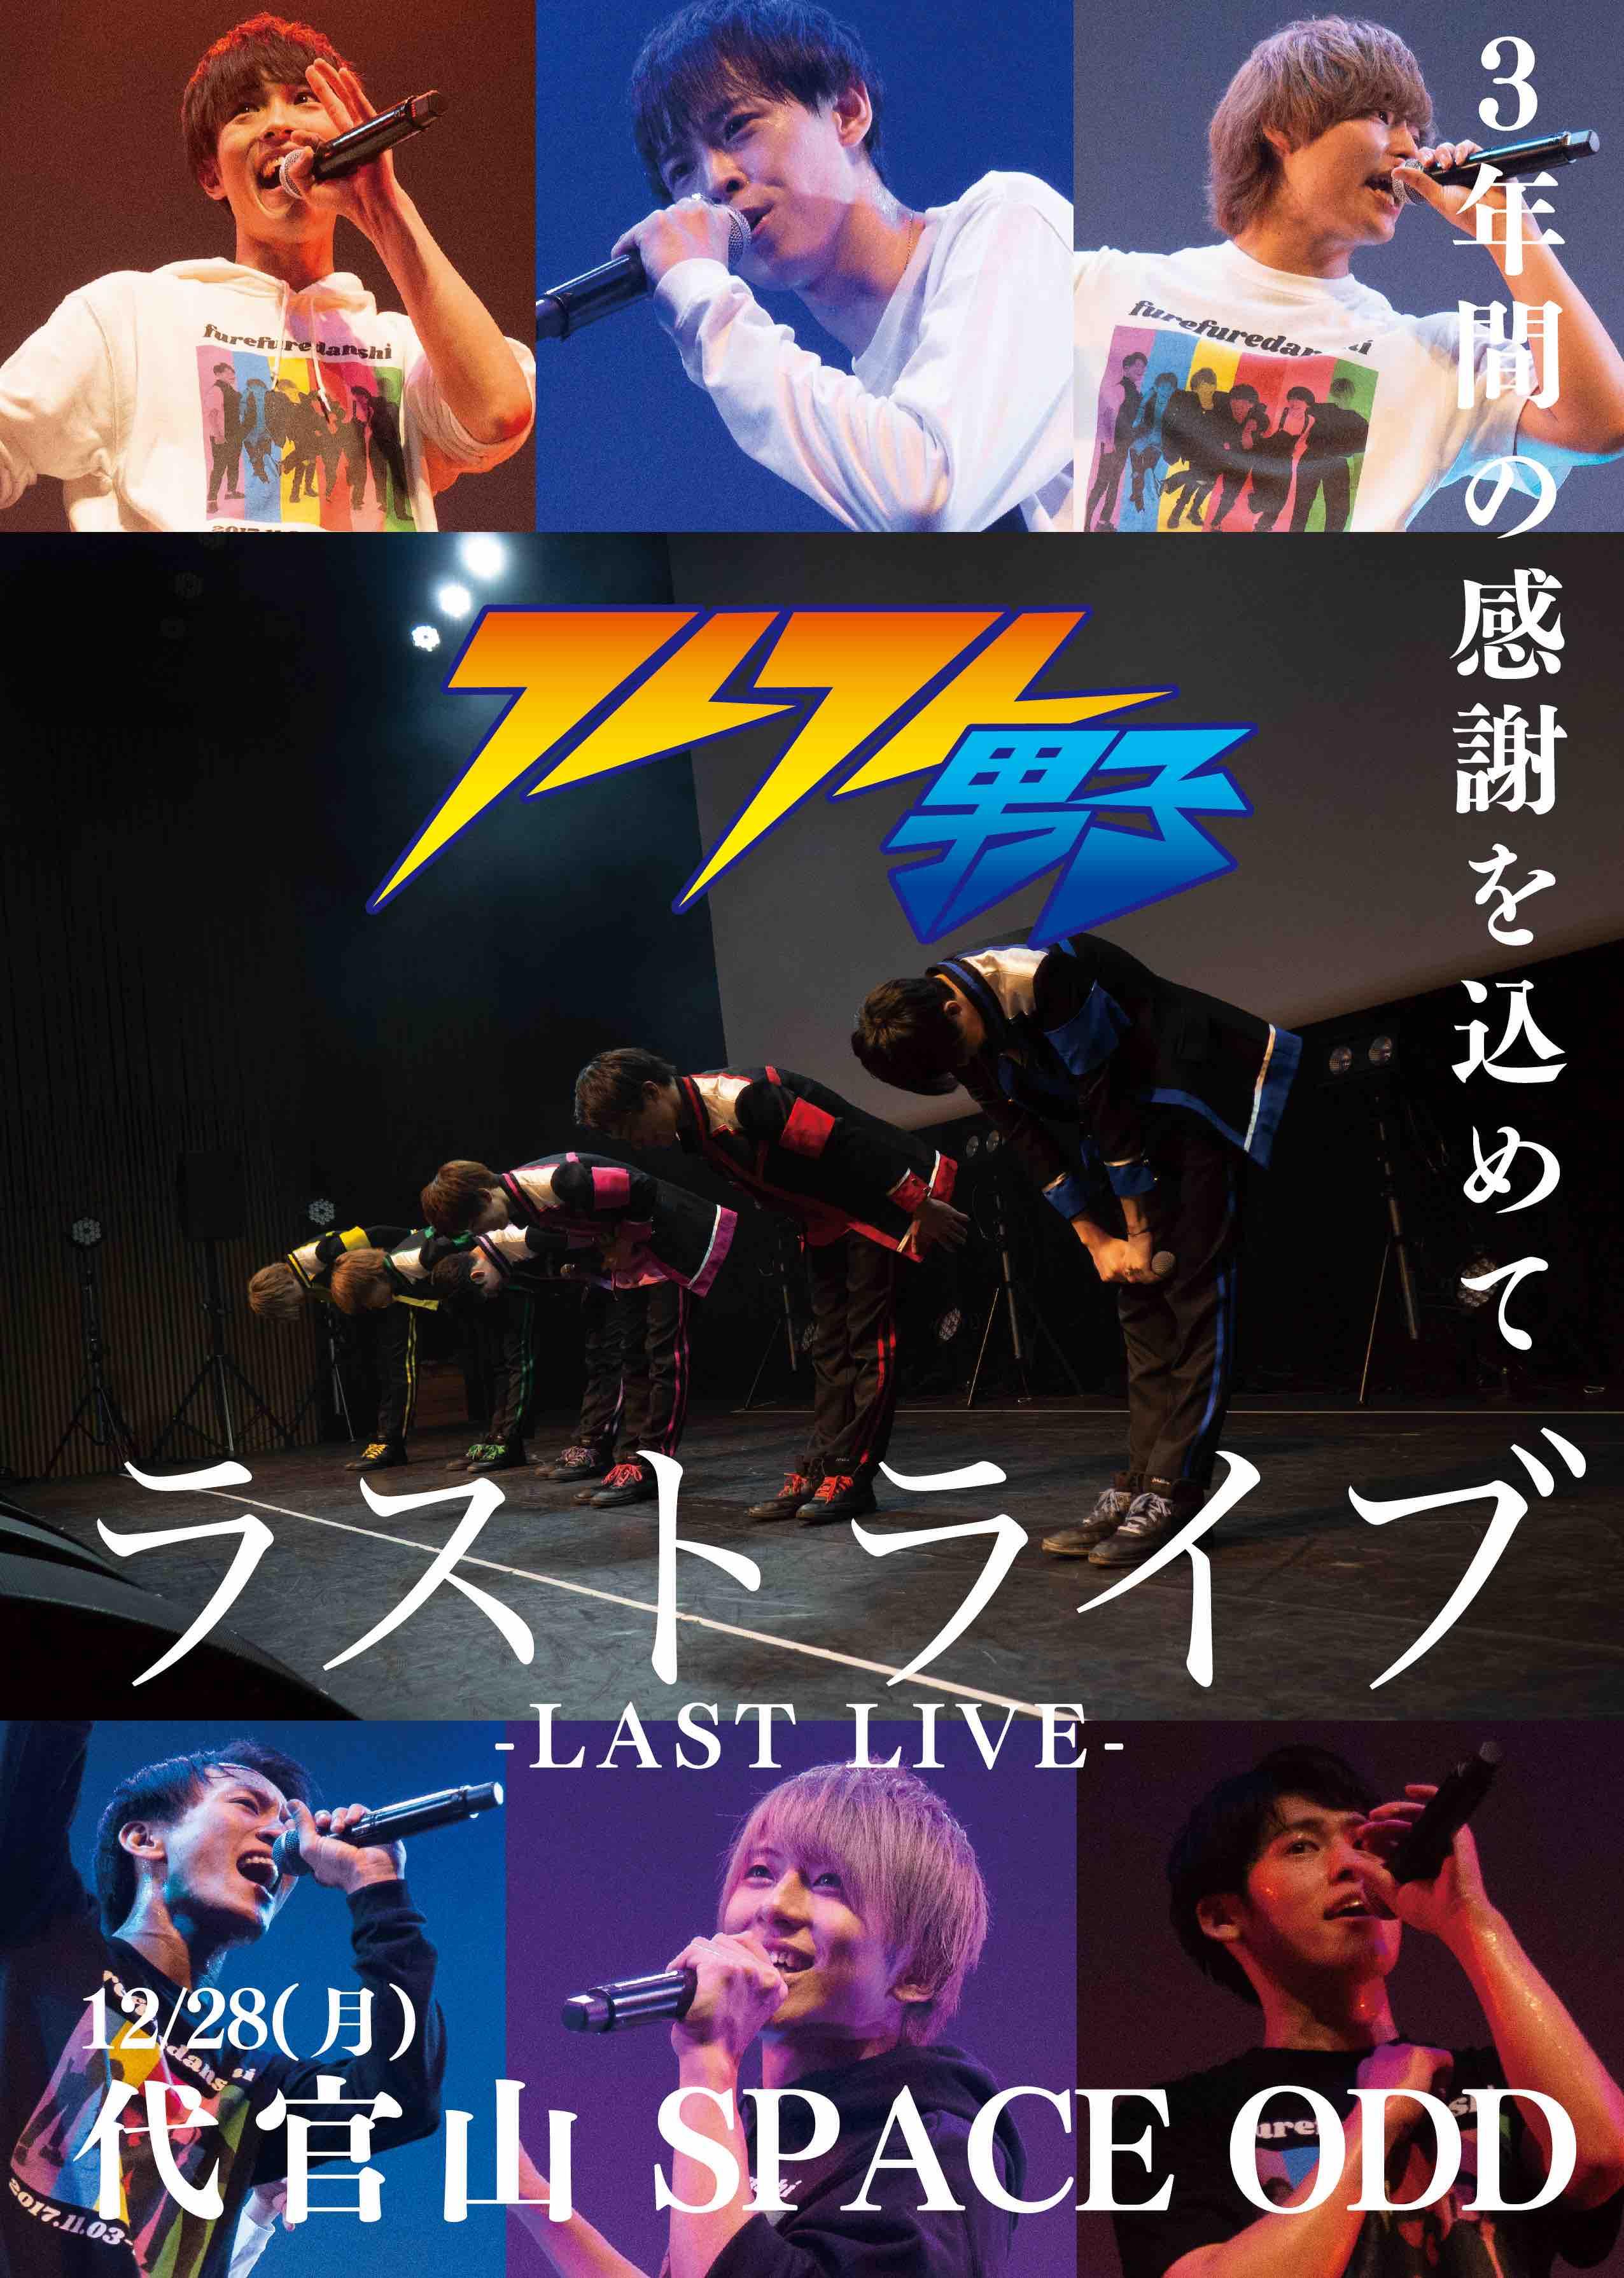 「フレフレ男子 LAST LIVE」